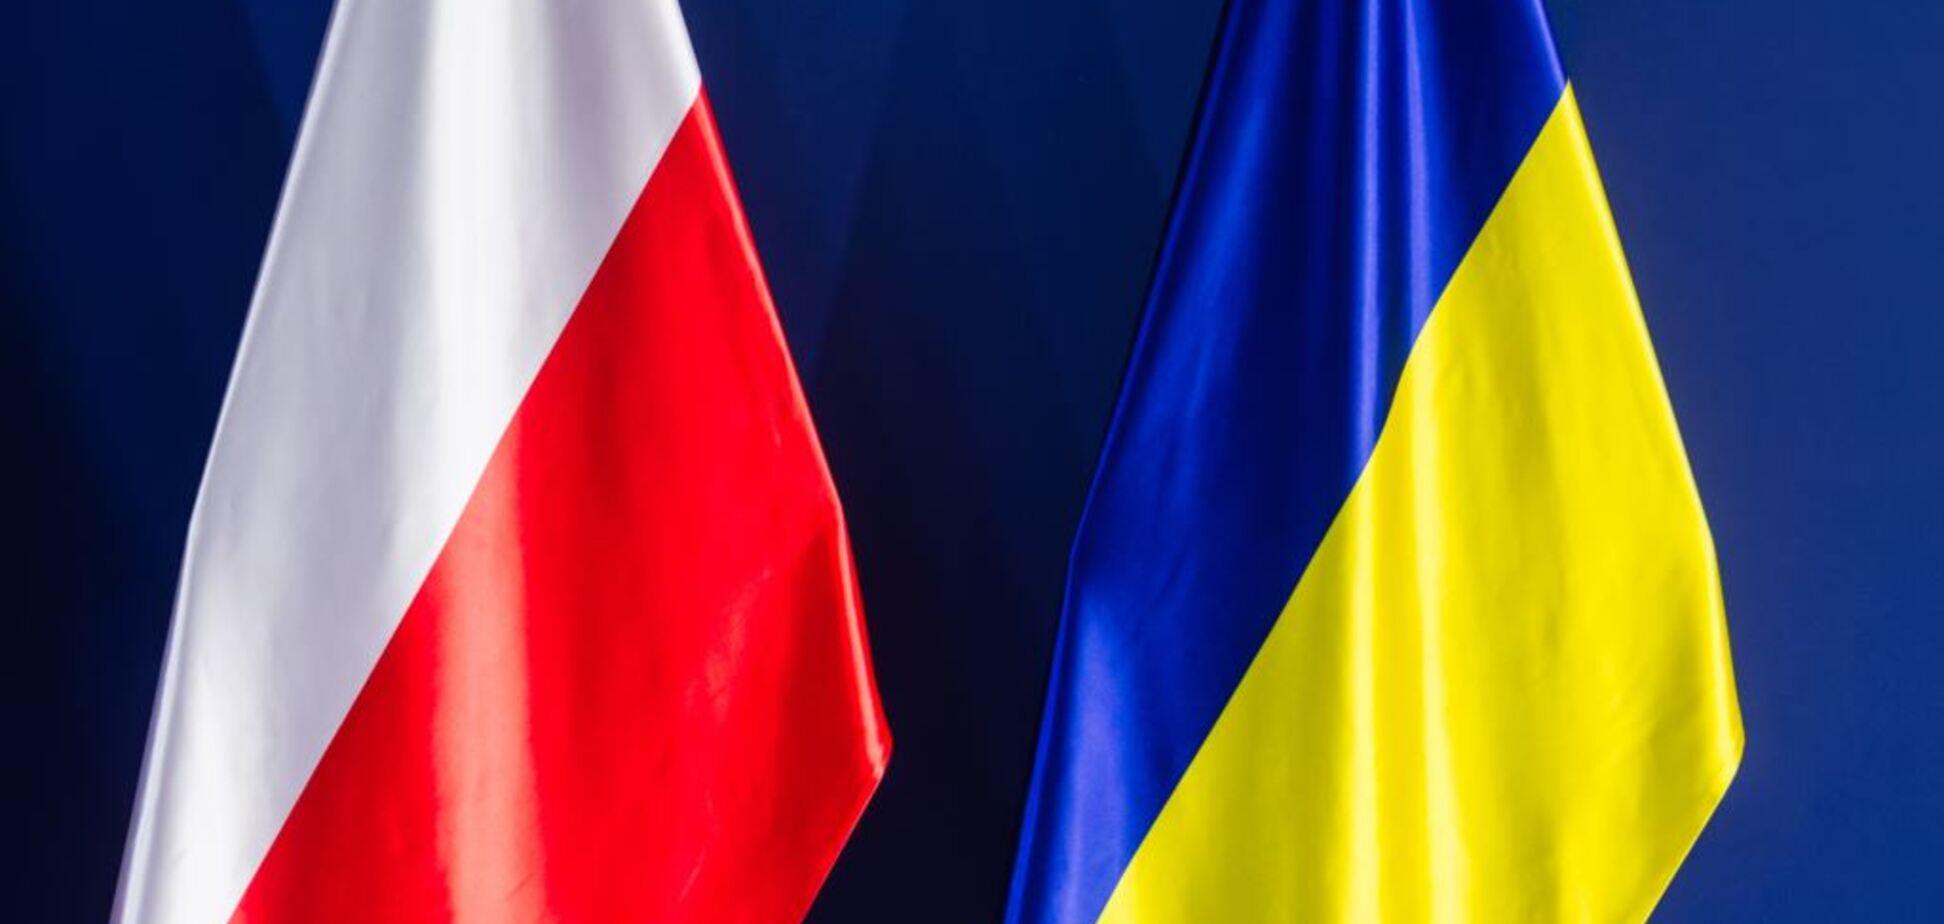 Это пятый фронт: украинский генерал пригрозил Польше из-за 'антибандеровского' закона